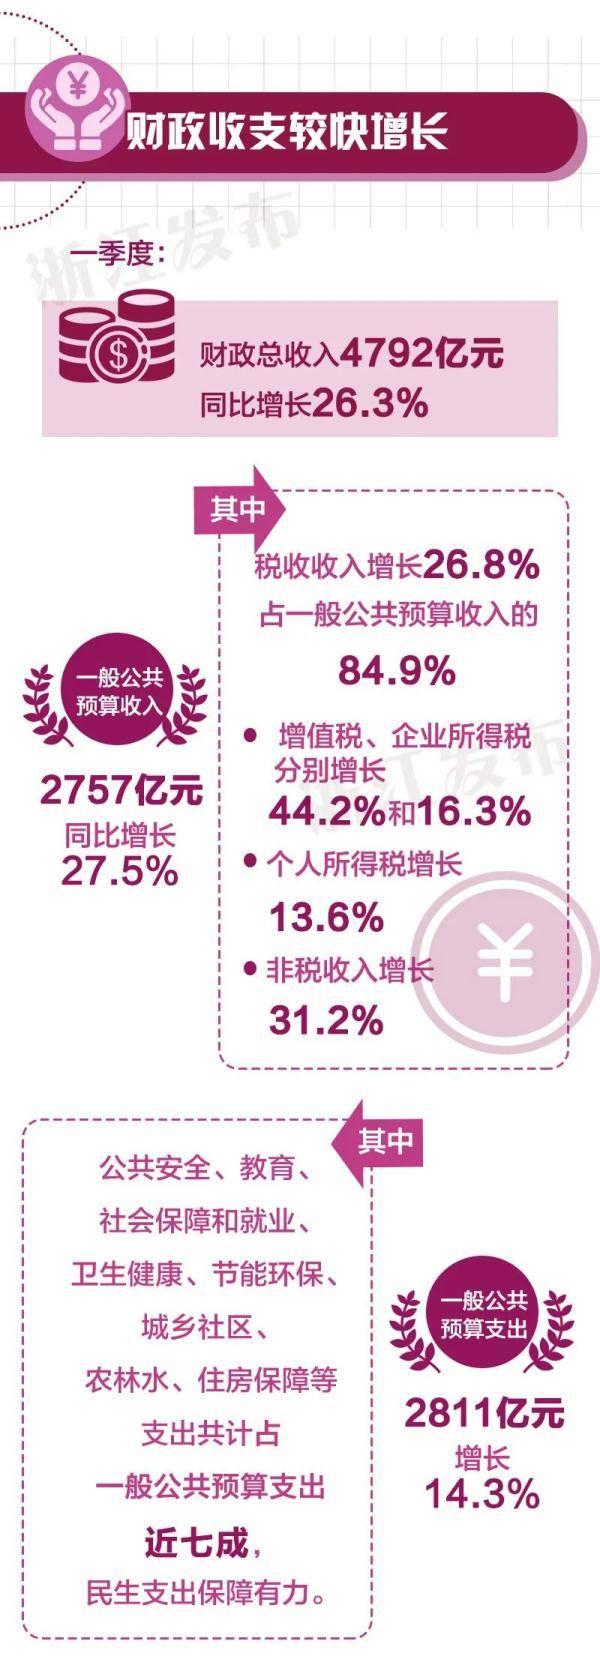 同比增长19.5%!一季度浙江经济运行情况发布